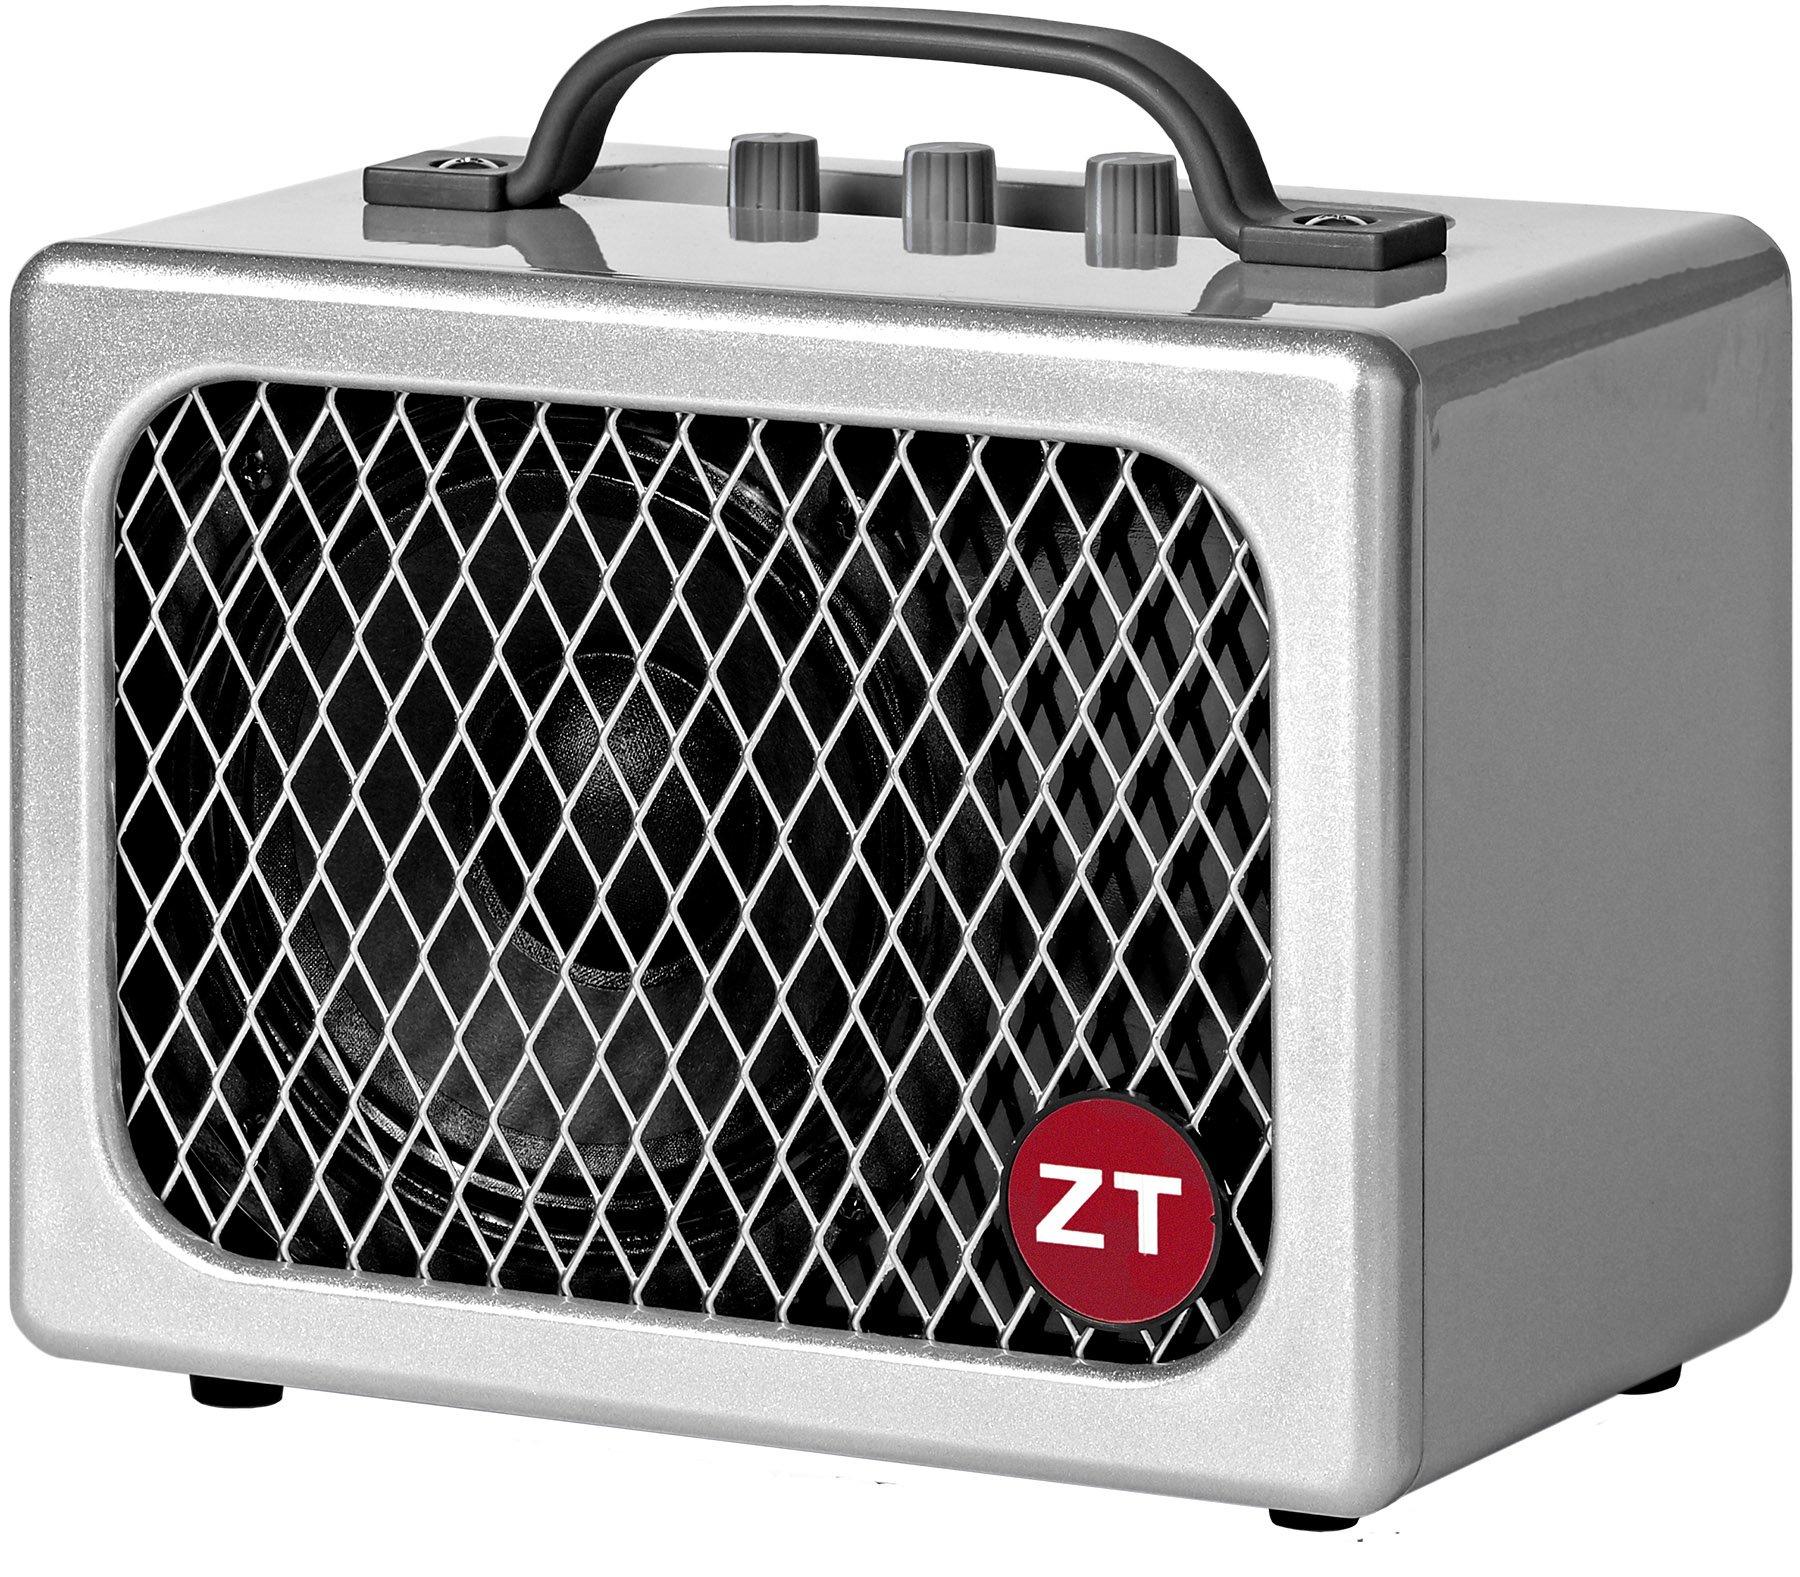 ZT Amplifiers Lunchbox Junior 35-watt Class D Guitar Amplifier with 5-inch Internal Speaker